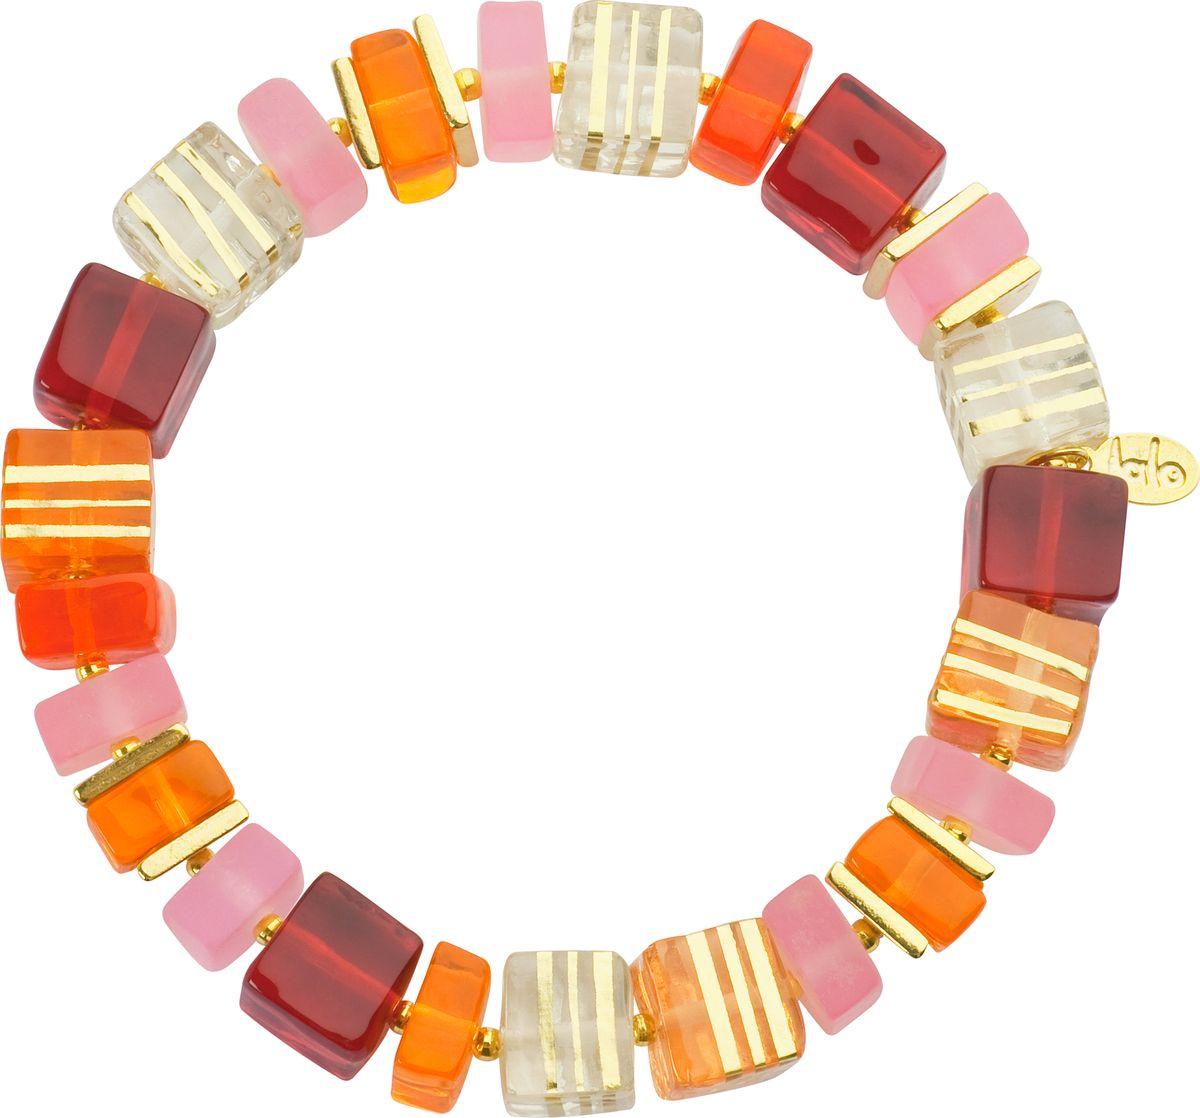 Браслет Lalo Treasures, цвет: оранжевый, красный. B2446/1B2446/1Яркие дизайнерские акссесуары от Lalo Treasures станут отличным дополнением к Вашему стилю